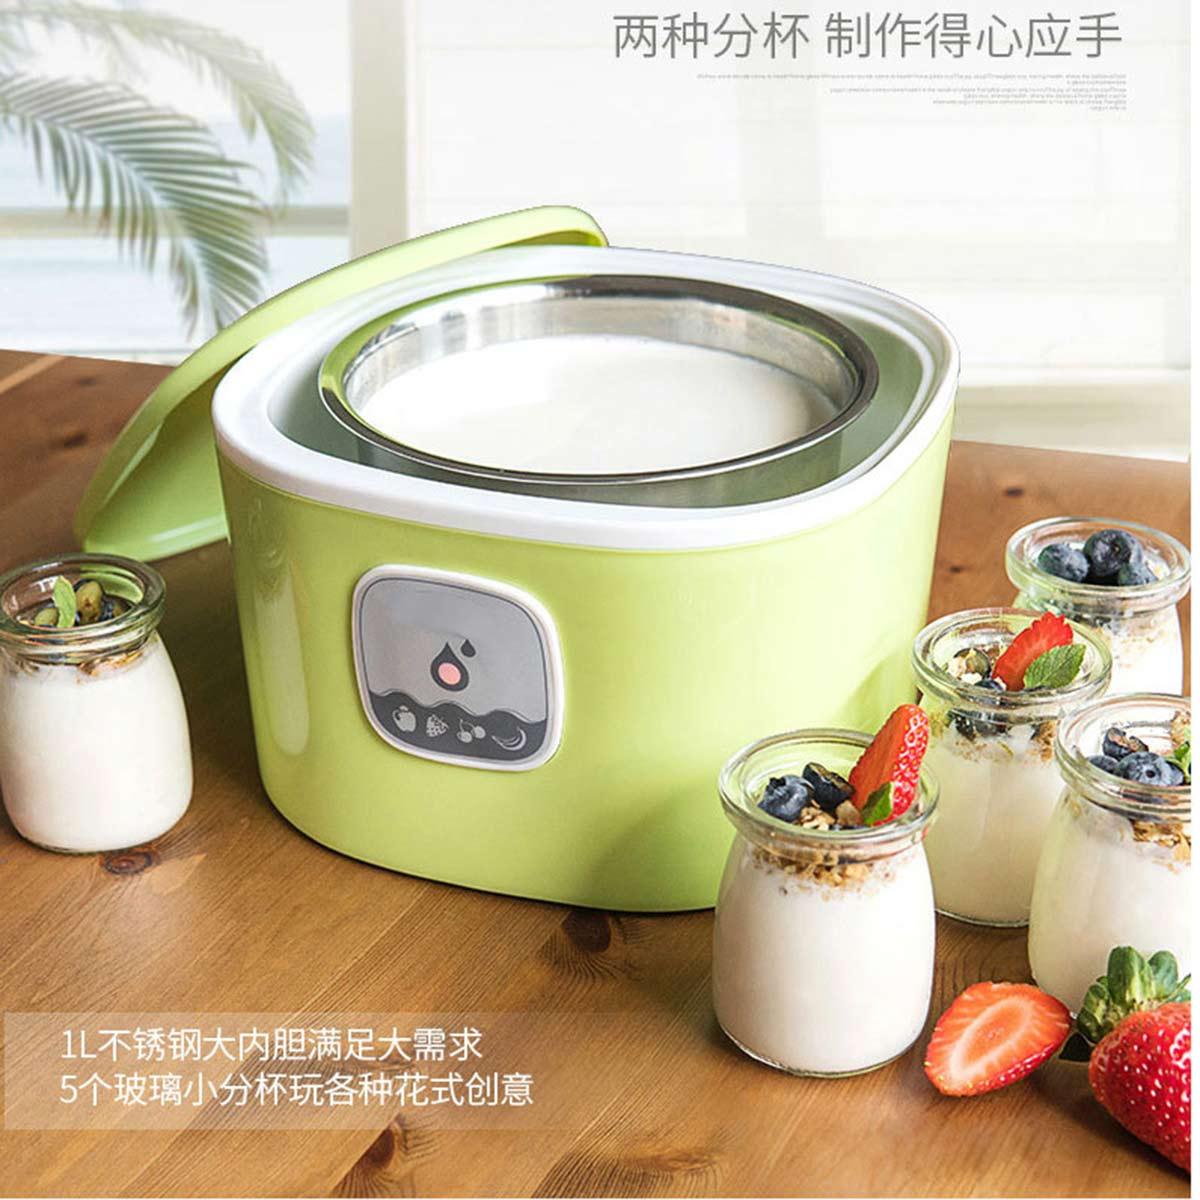 乾越全自动酸奶机家用玻璃分杯自制米酒COLOR绿色